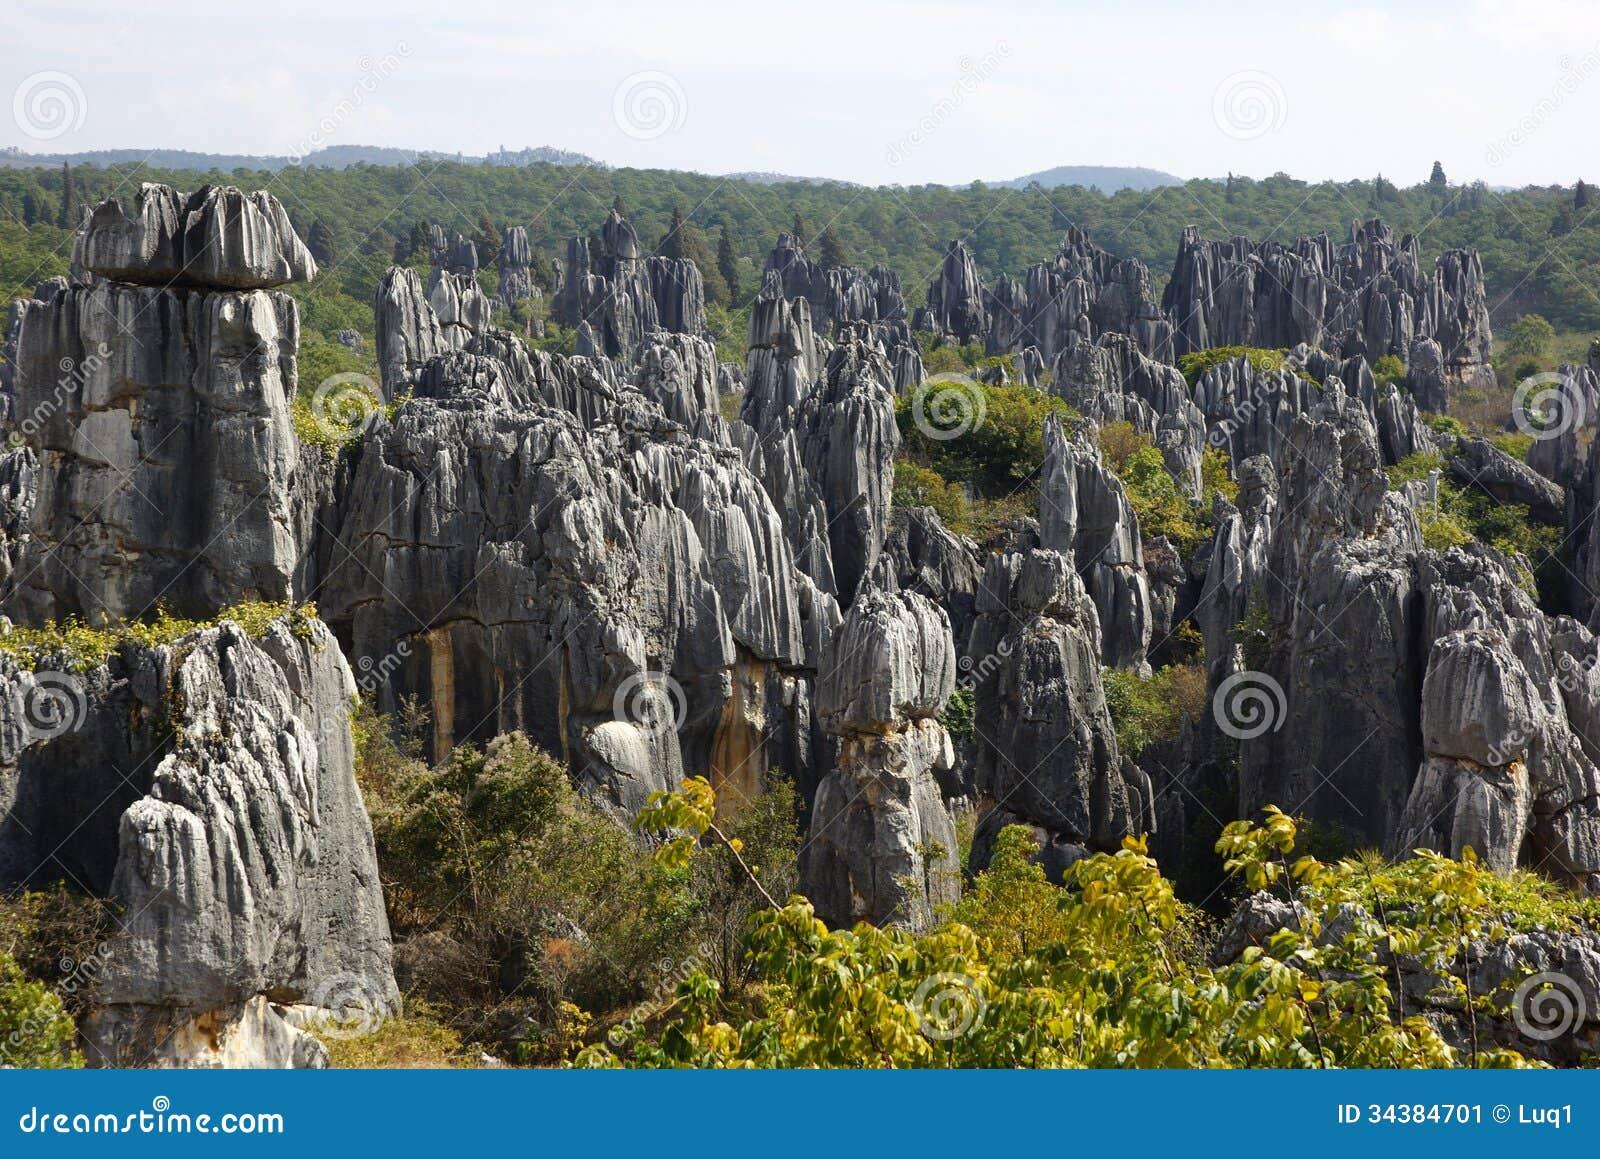 Bosque de la piedra de Shilin en Kunming, Yunnan, China